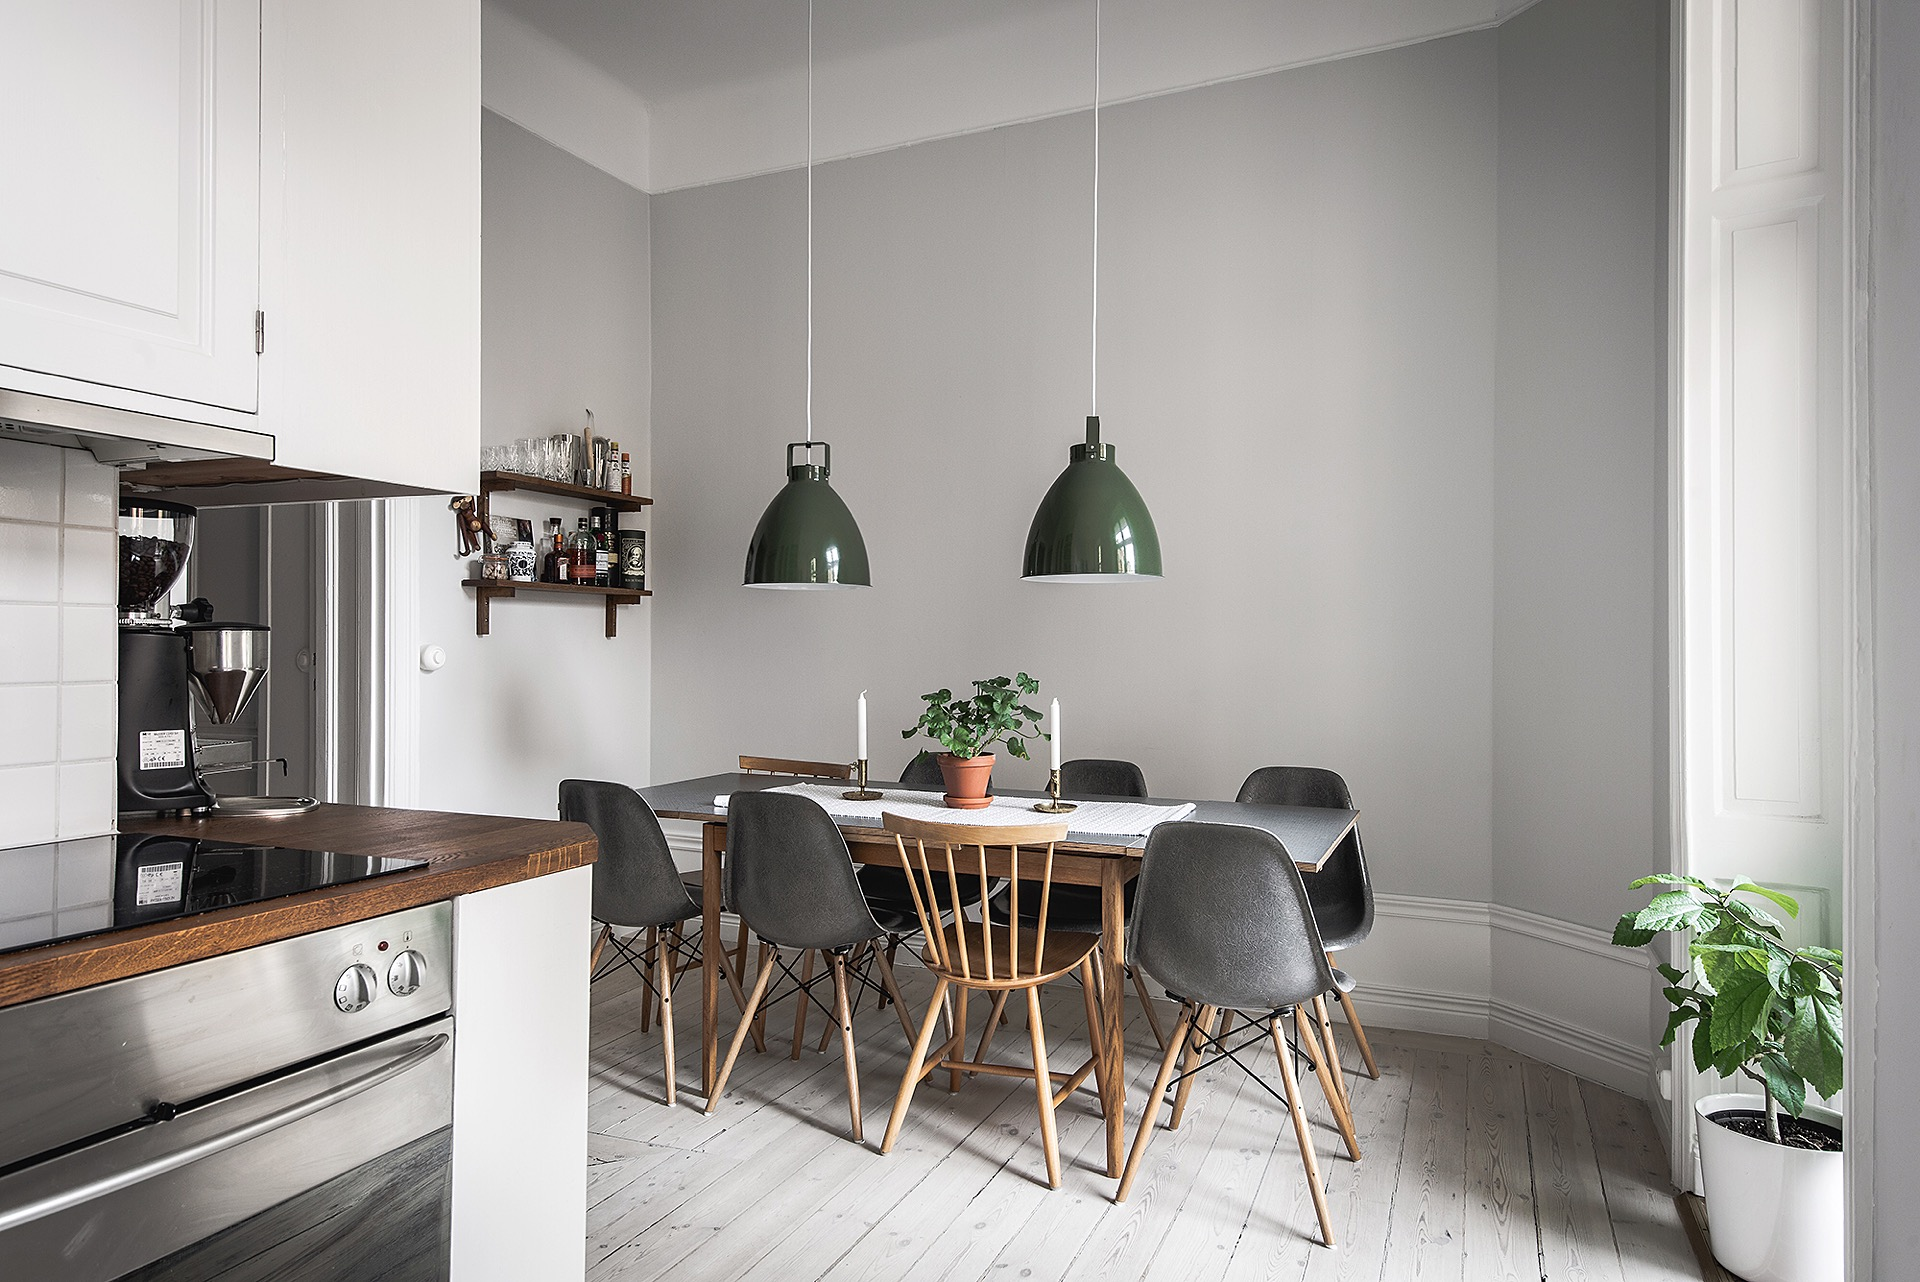 кухня серые стены лампа над столом обеденный стол стулья eames